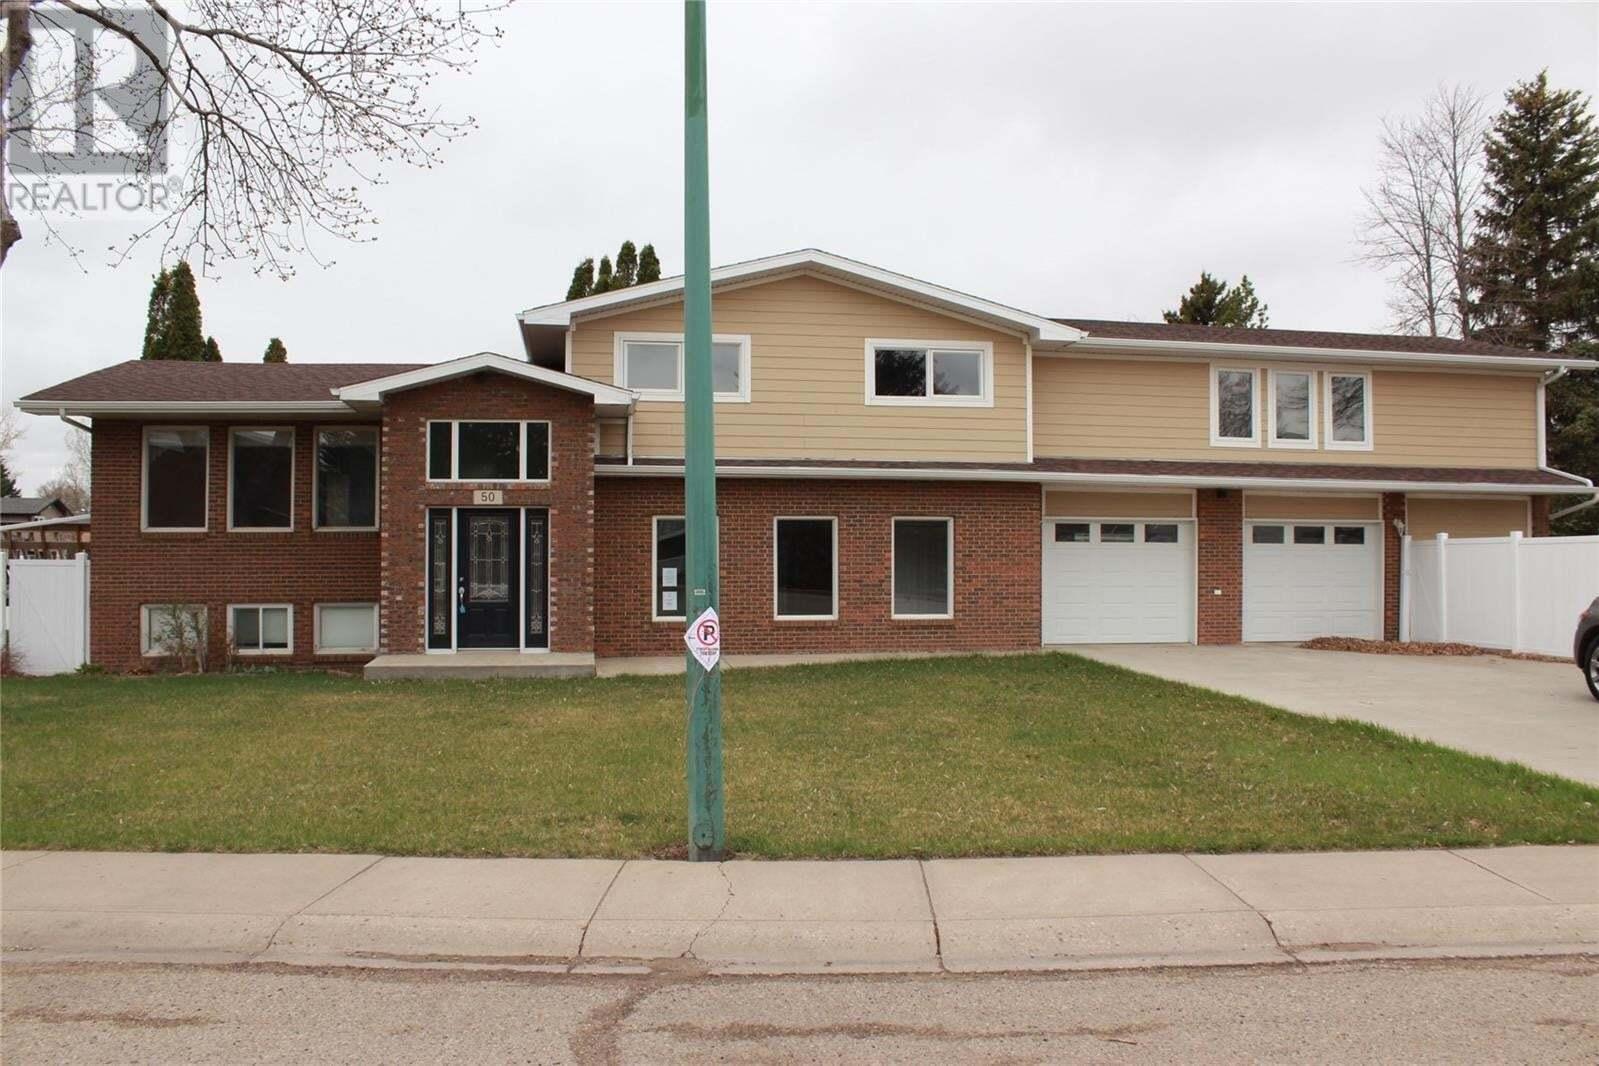 House for sale at 50 Woodlily Dr Moose Jaw Saskatchewan - MLS: SK826535